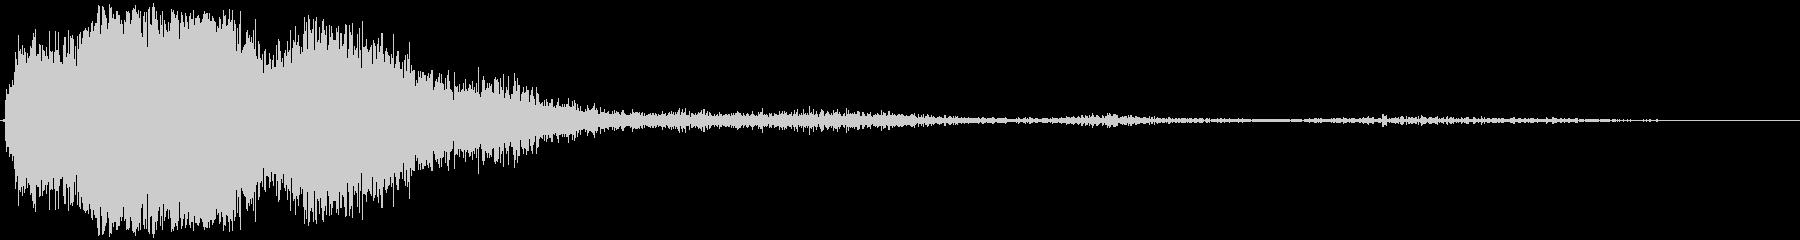 ロングヘビーザップスイープの未再生の波形